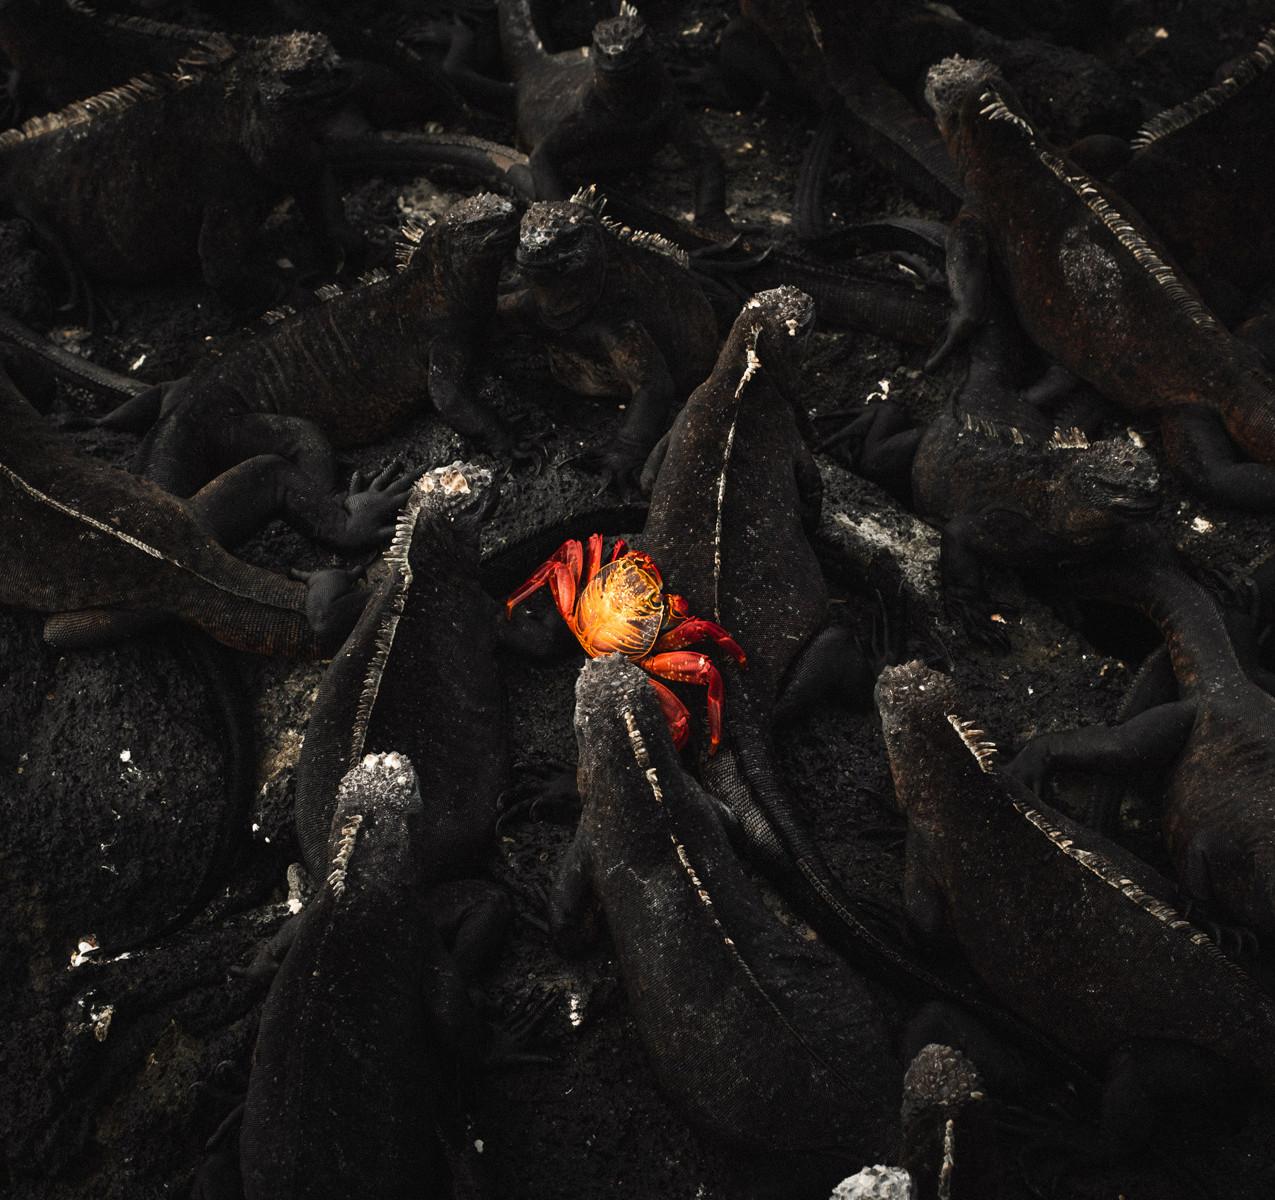 marine-iguanas-crab-galapagos